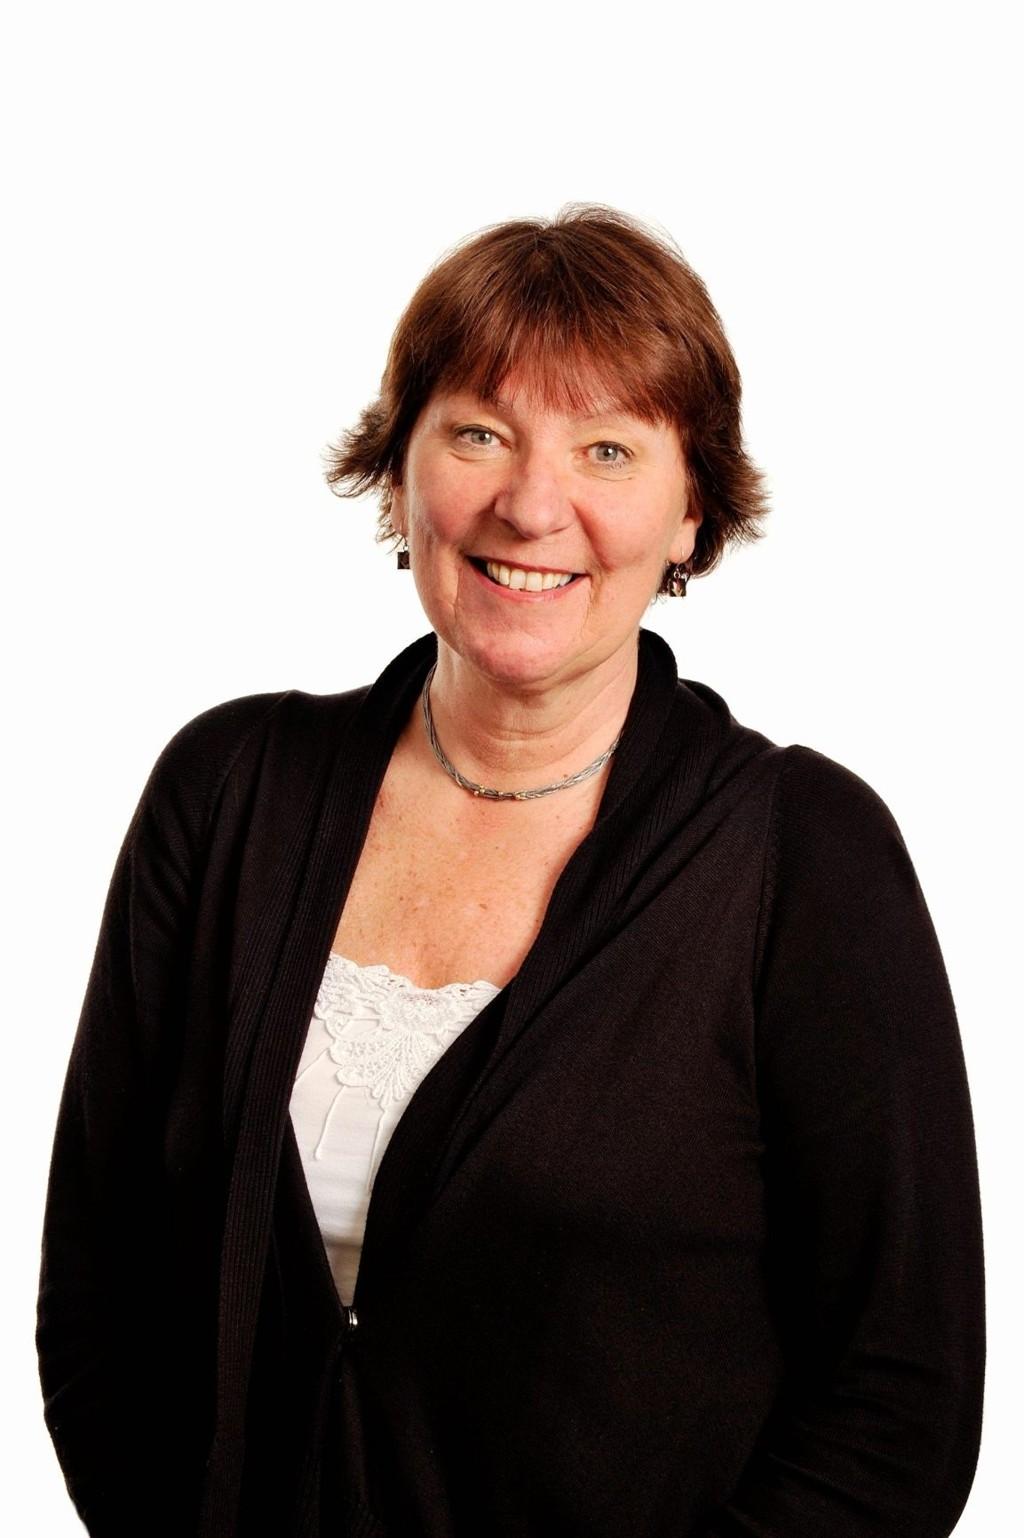 ORDFØRERKANDIDAT: Marianne Borgen nekter for at SV har snudd i skulpturparksaken.